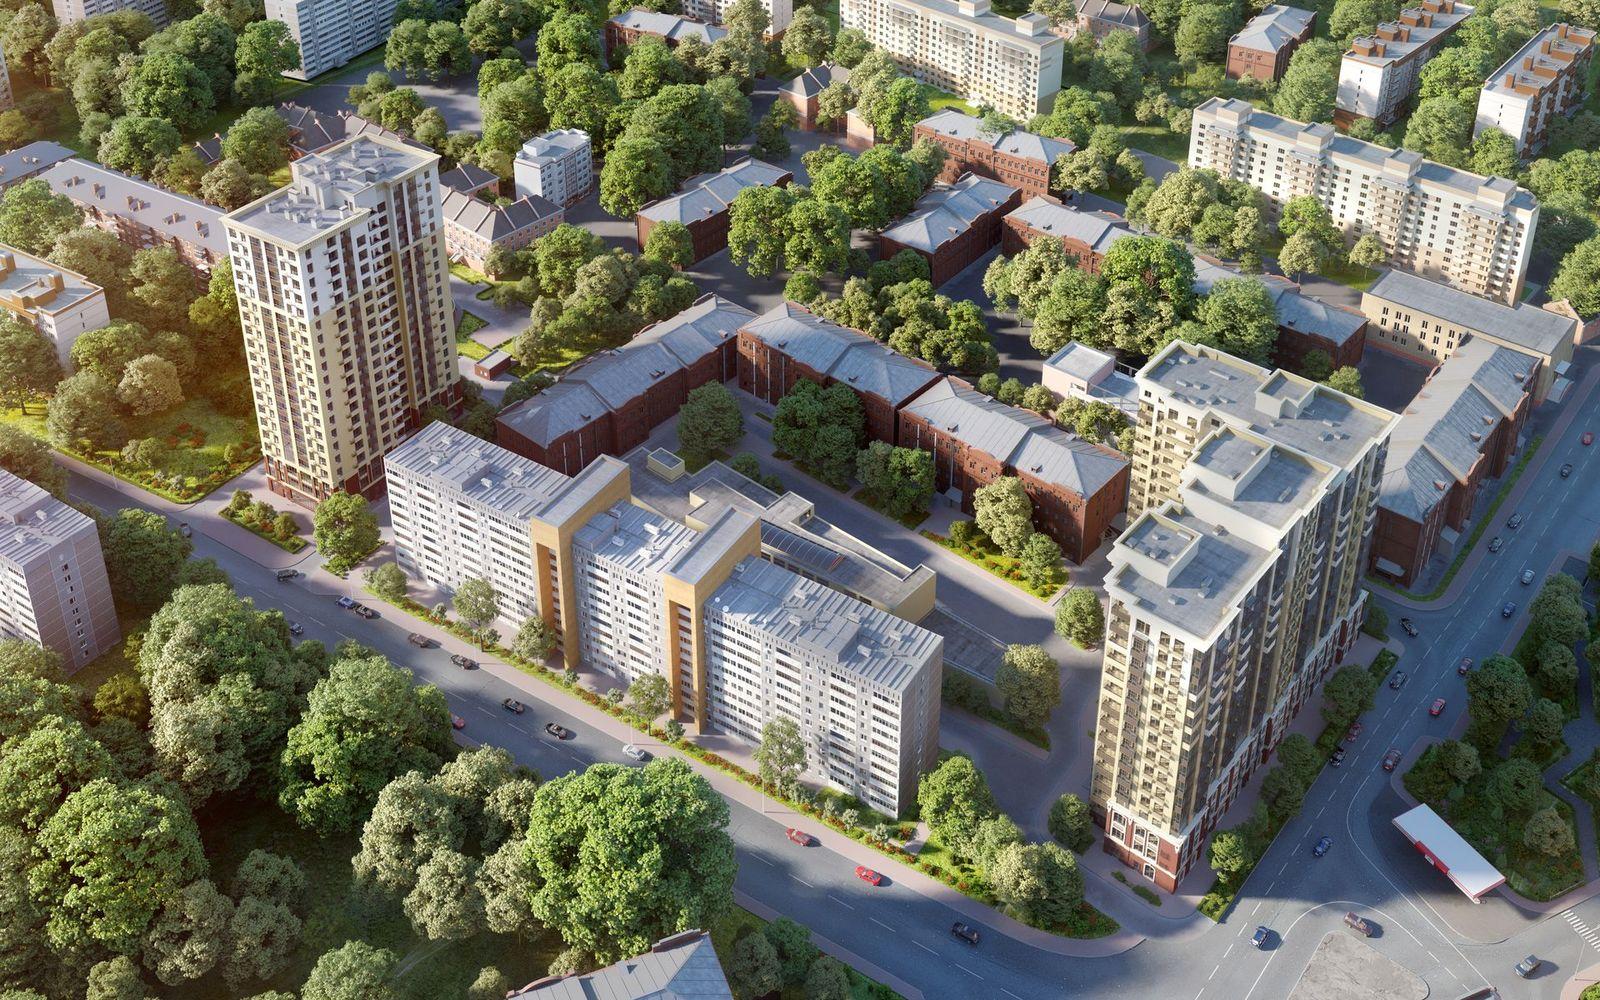 Визуализации жилого комплекса на севере Москвы | Студия Ракета